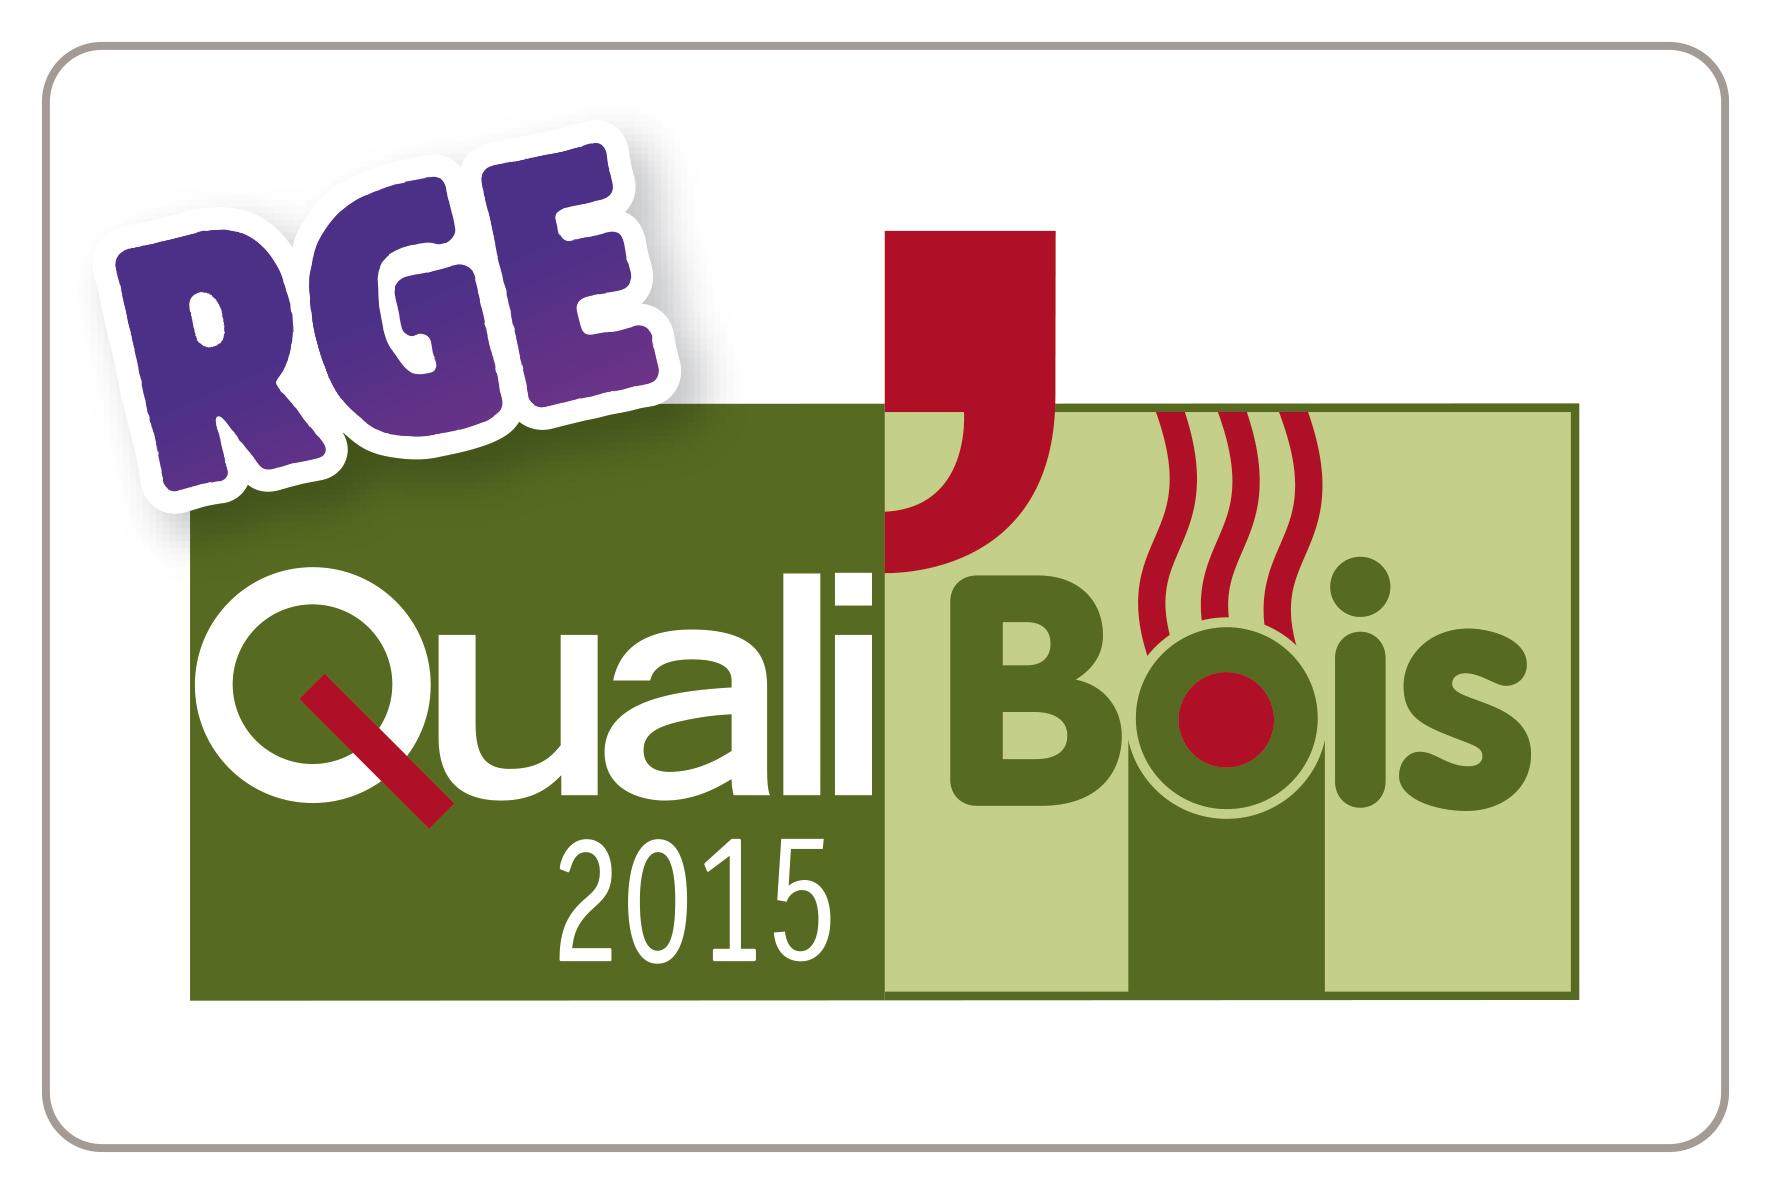 logo-qualibois-2015-RGE